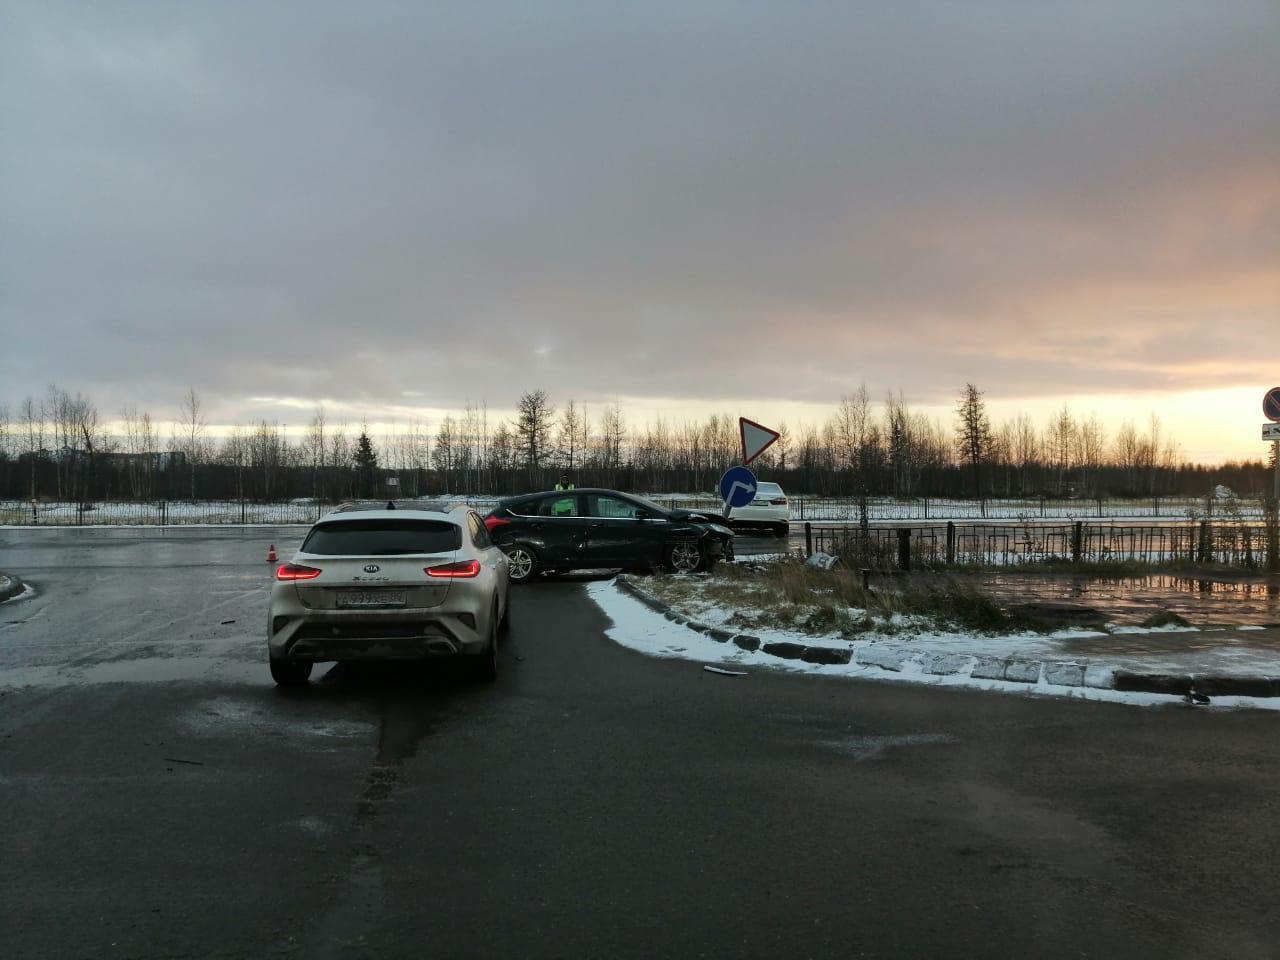 Пять человек пострадали в ДТП на Ямале